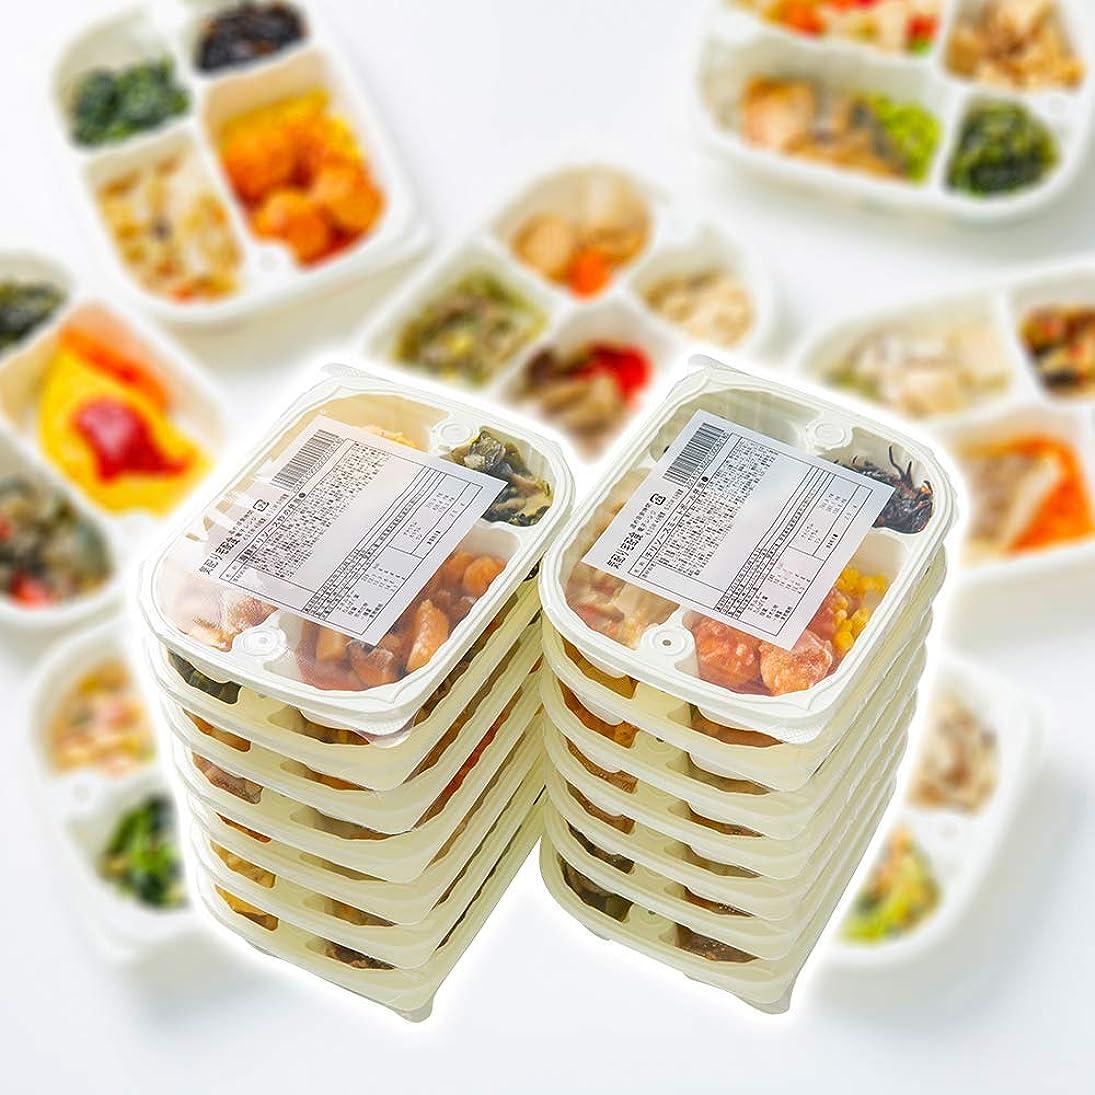 狂乱重量古いまごころ弁当 糖質制限食(冷凍弁当) 冷凍食品 惣菜 お弁当 (21食セット)